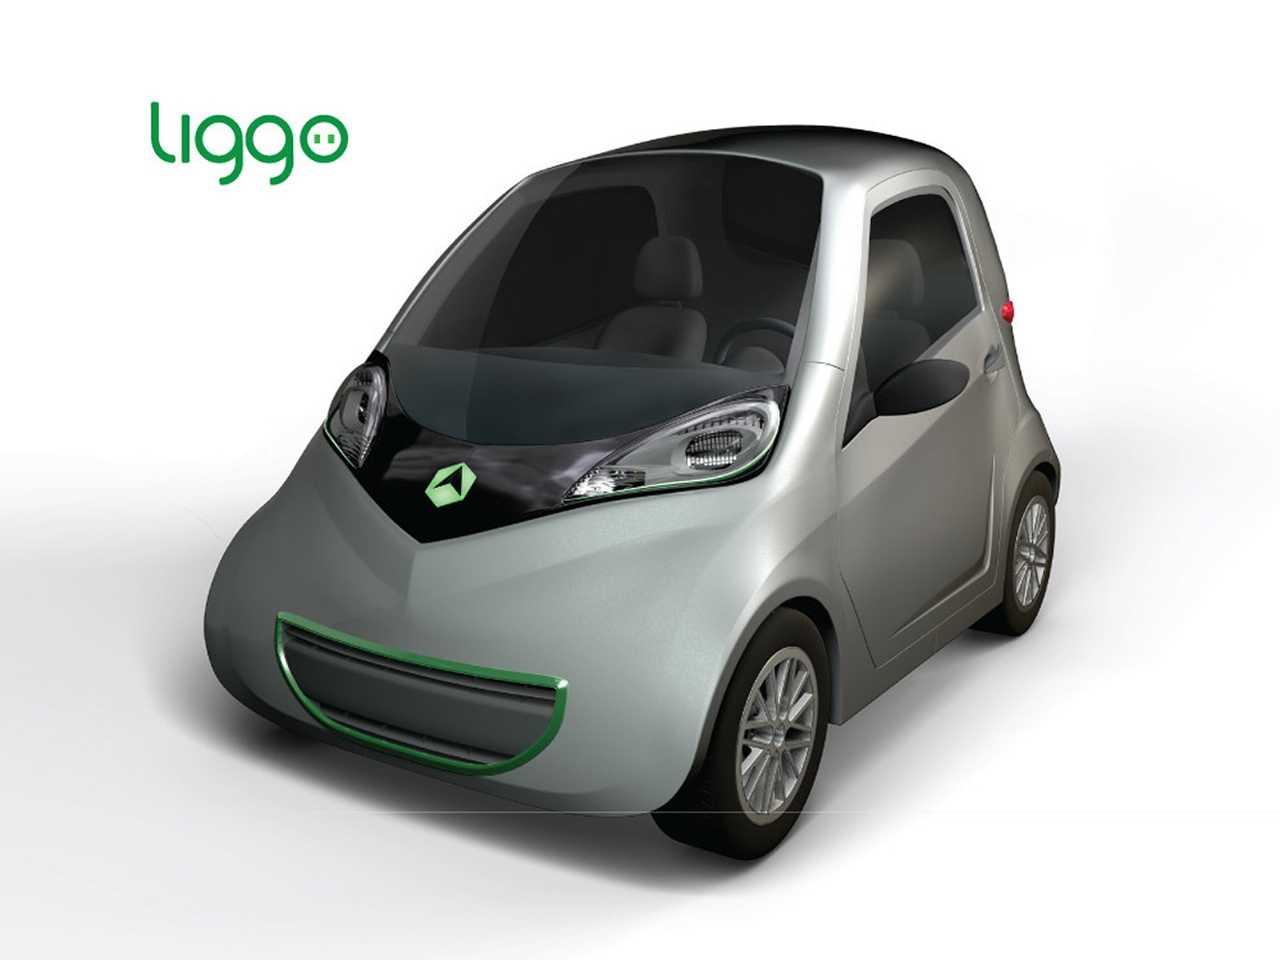 O Liggo deverá ter aplicação urbana, com foco em serviços como o carsharing